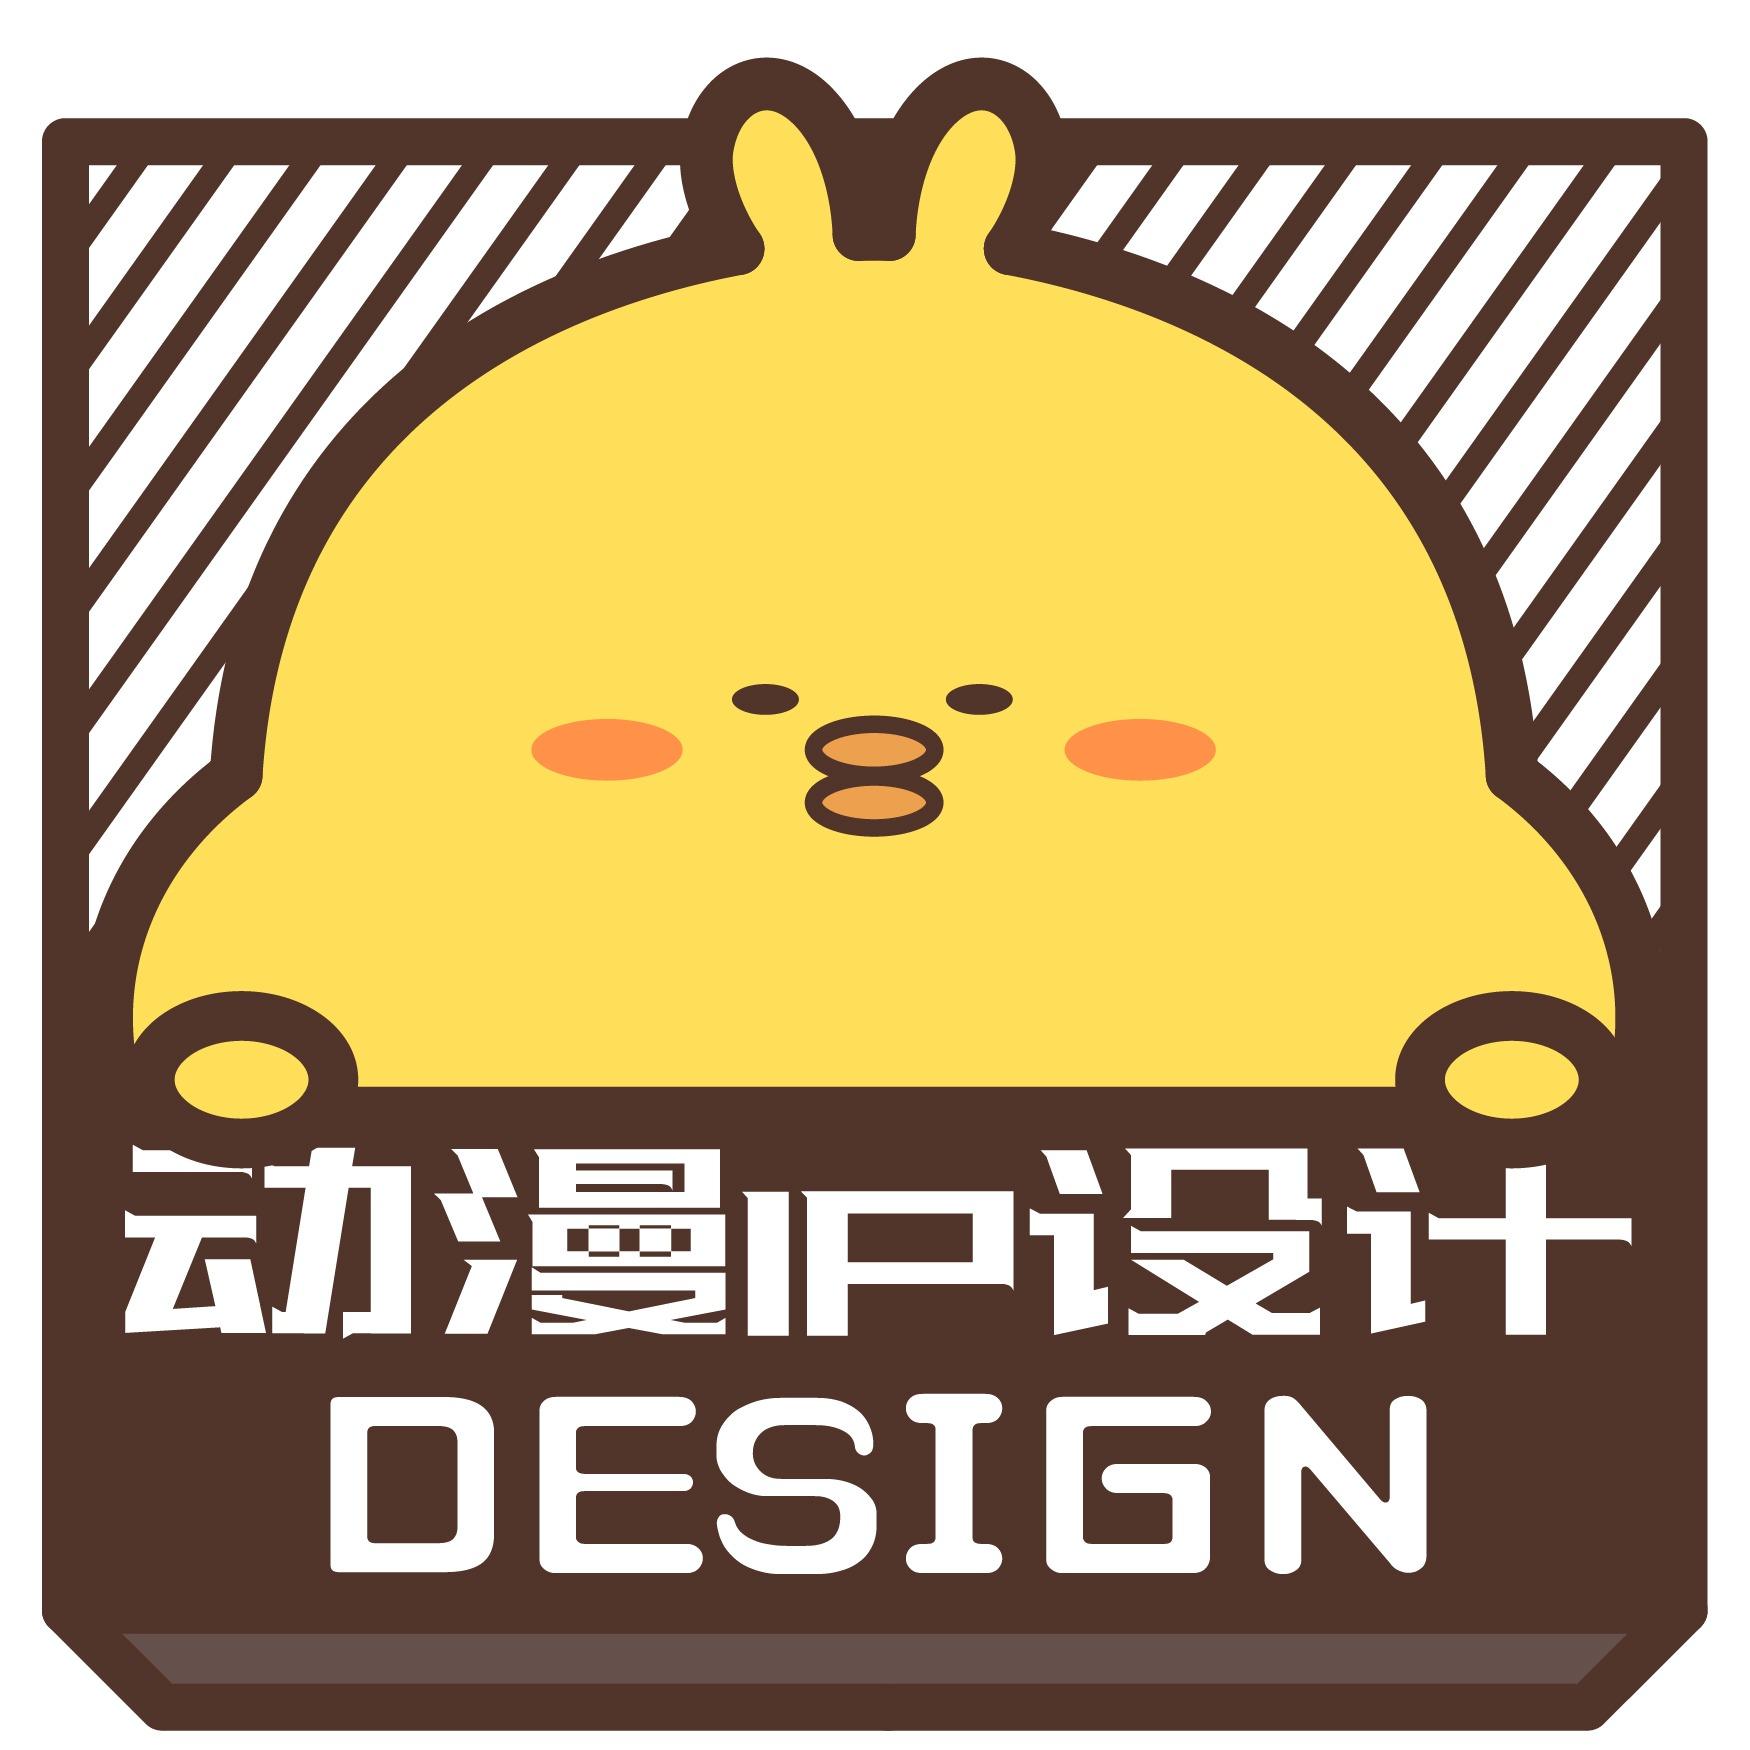 动漫品牌IP形象/卡通LOGO/吉祥物设计/卡通Q形象设计/